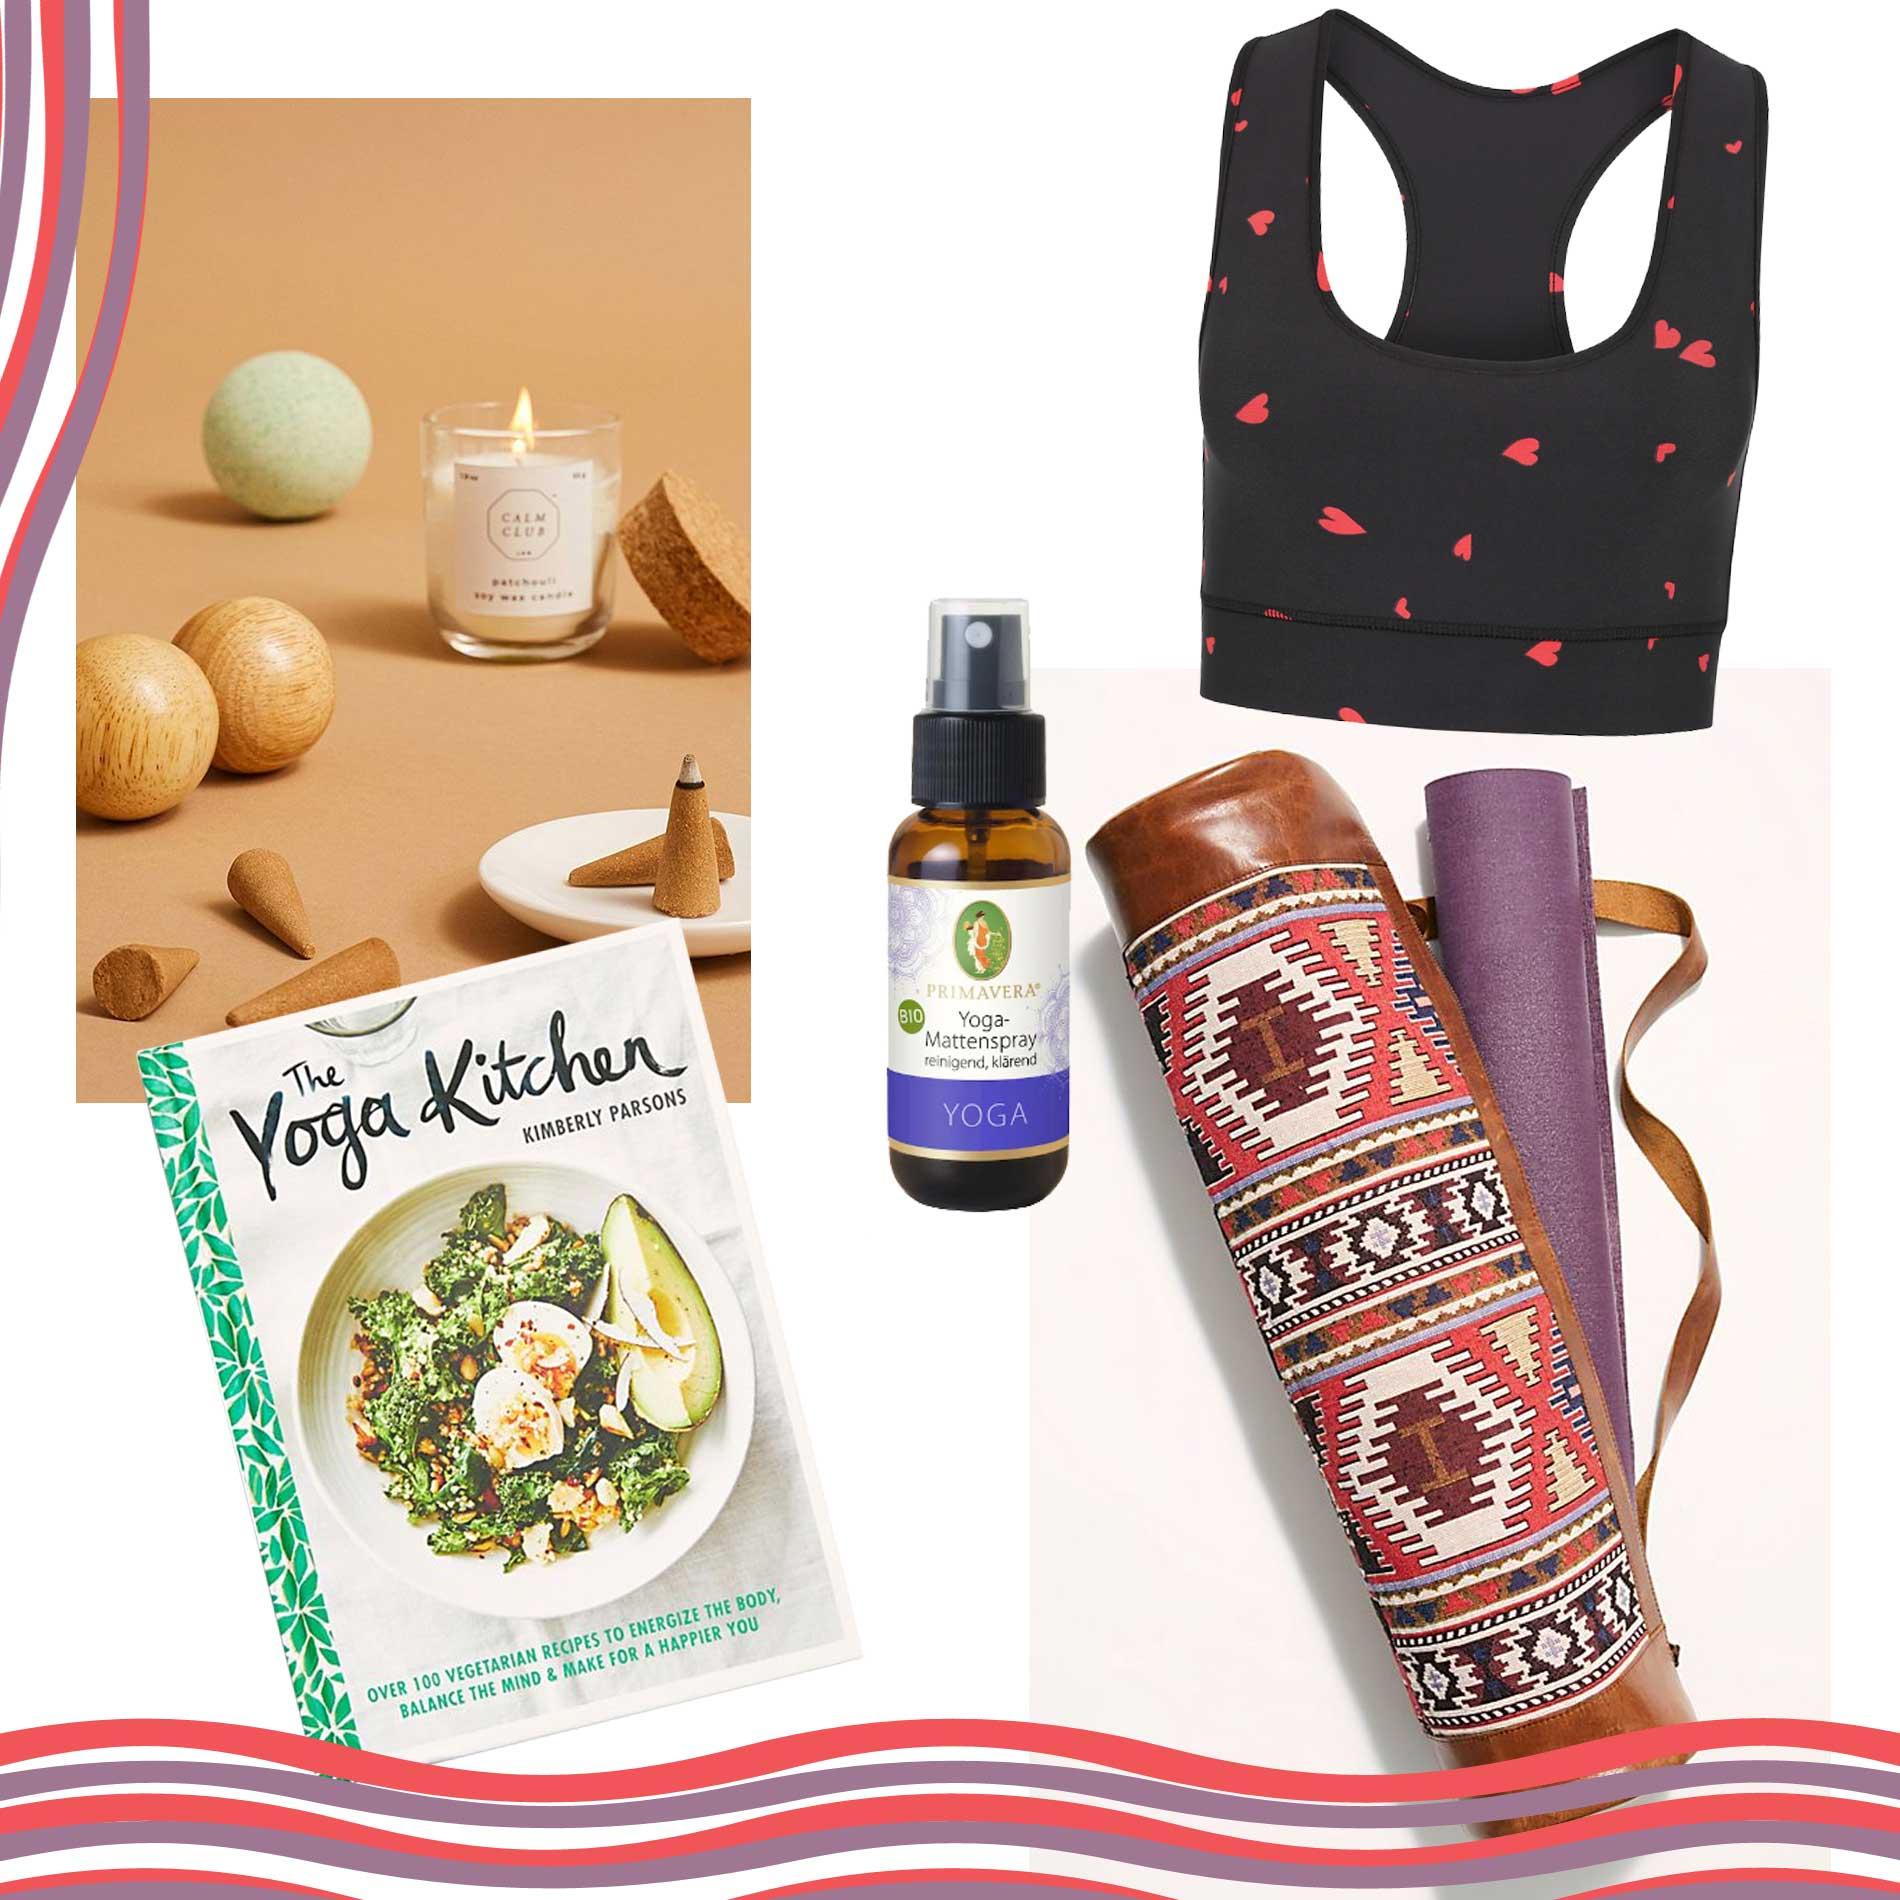 Gift Guide für Yoga Lover, Geschenkideen, Geschenke zu Weihnachten, Geschenkideen, Yoga, Geschenke für Yoga Liebhaber*innen, Yoga